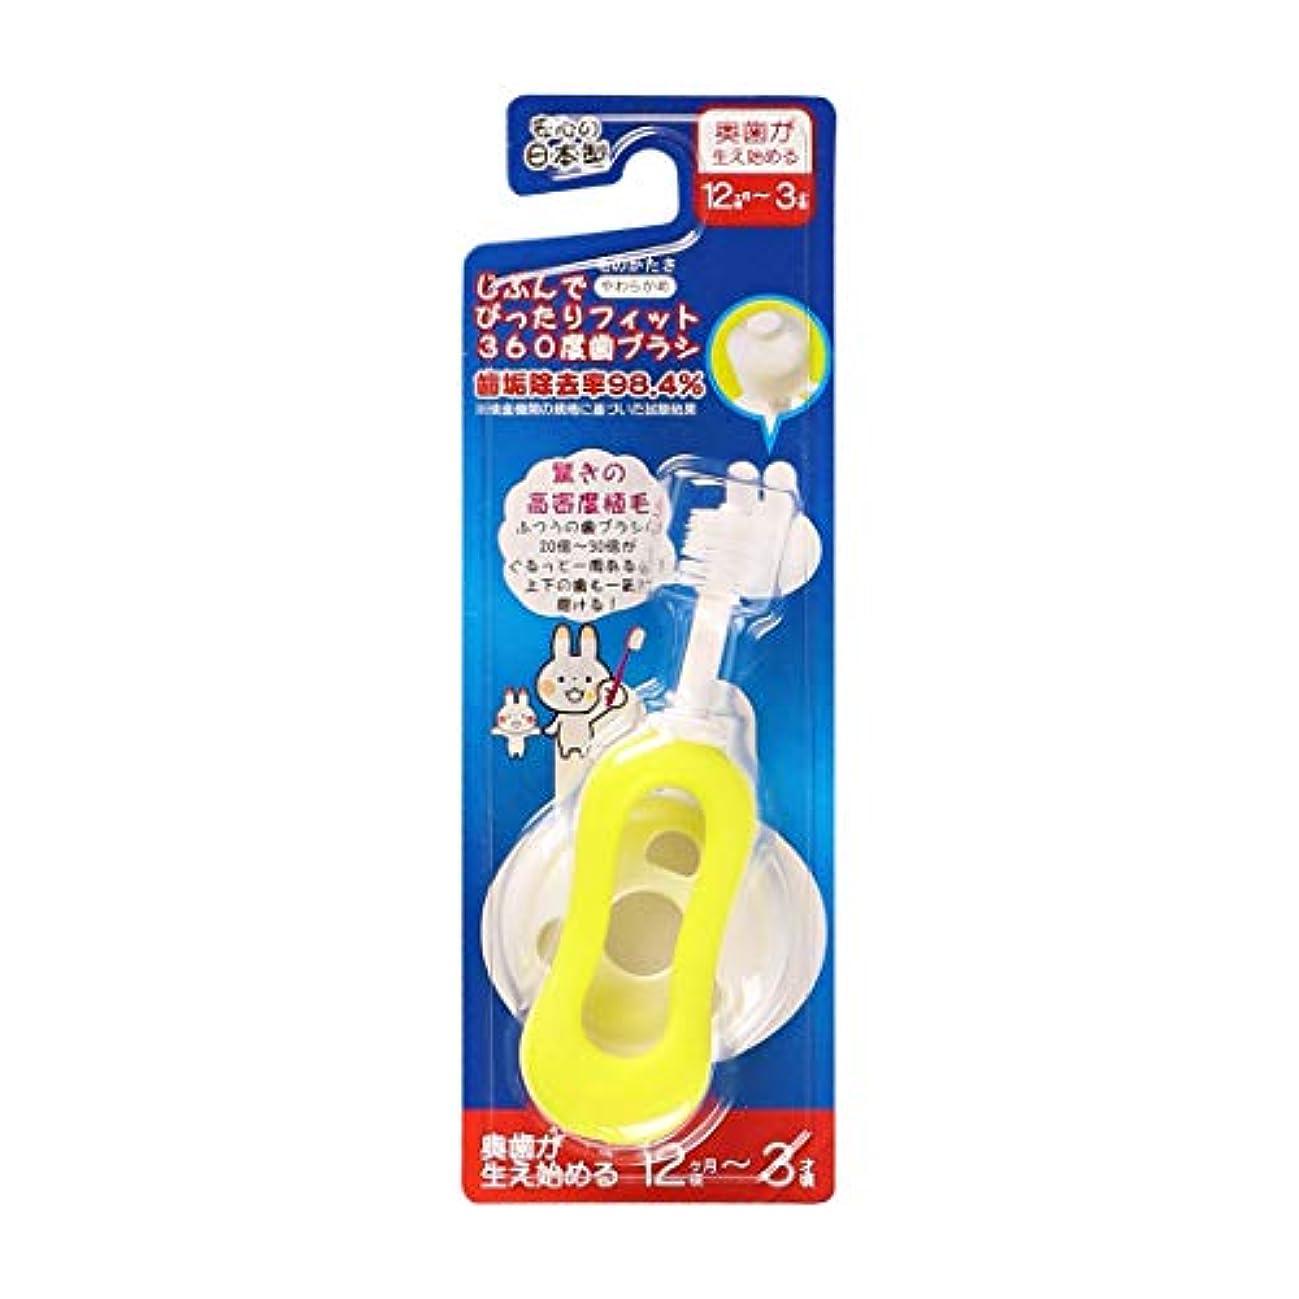 西松屋 じぶんでぴったりフィット360度歯ブラシ(奥歯が生え始める12ヶ月頃-3才頃)